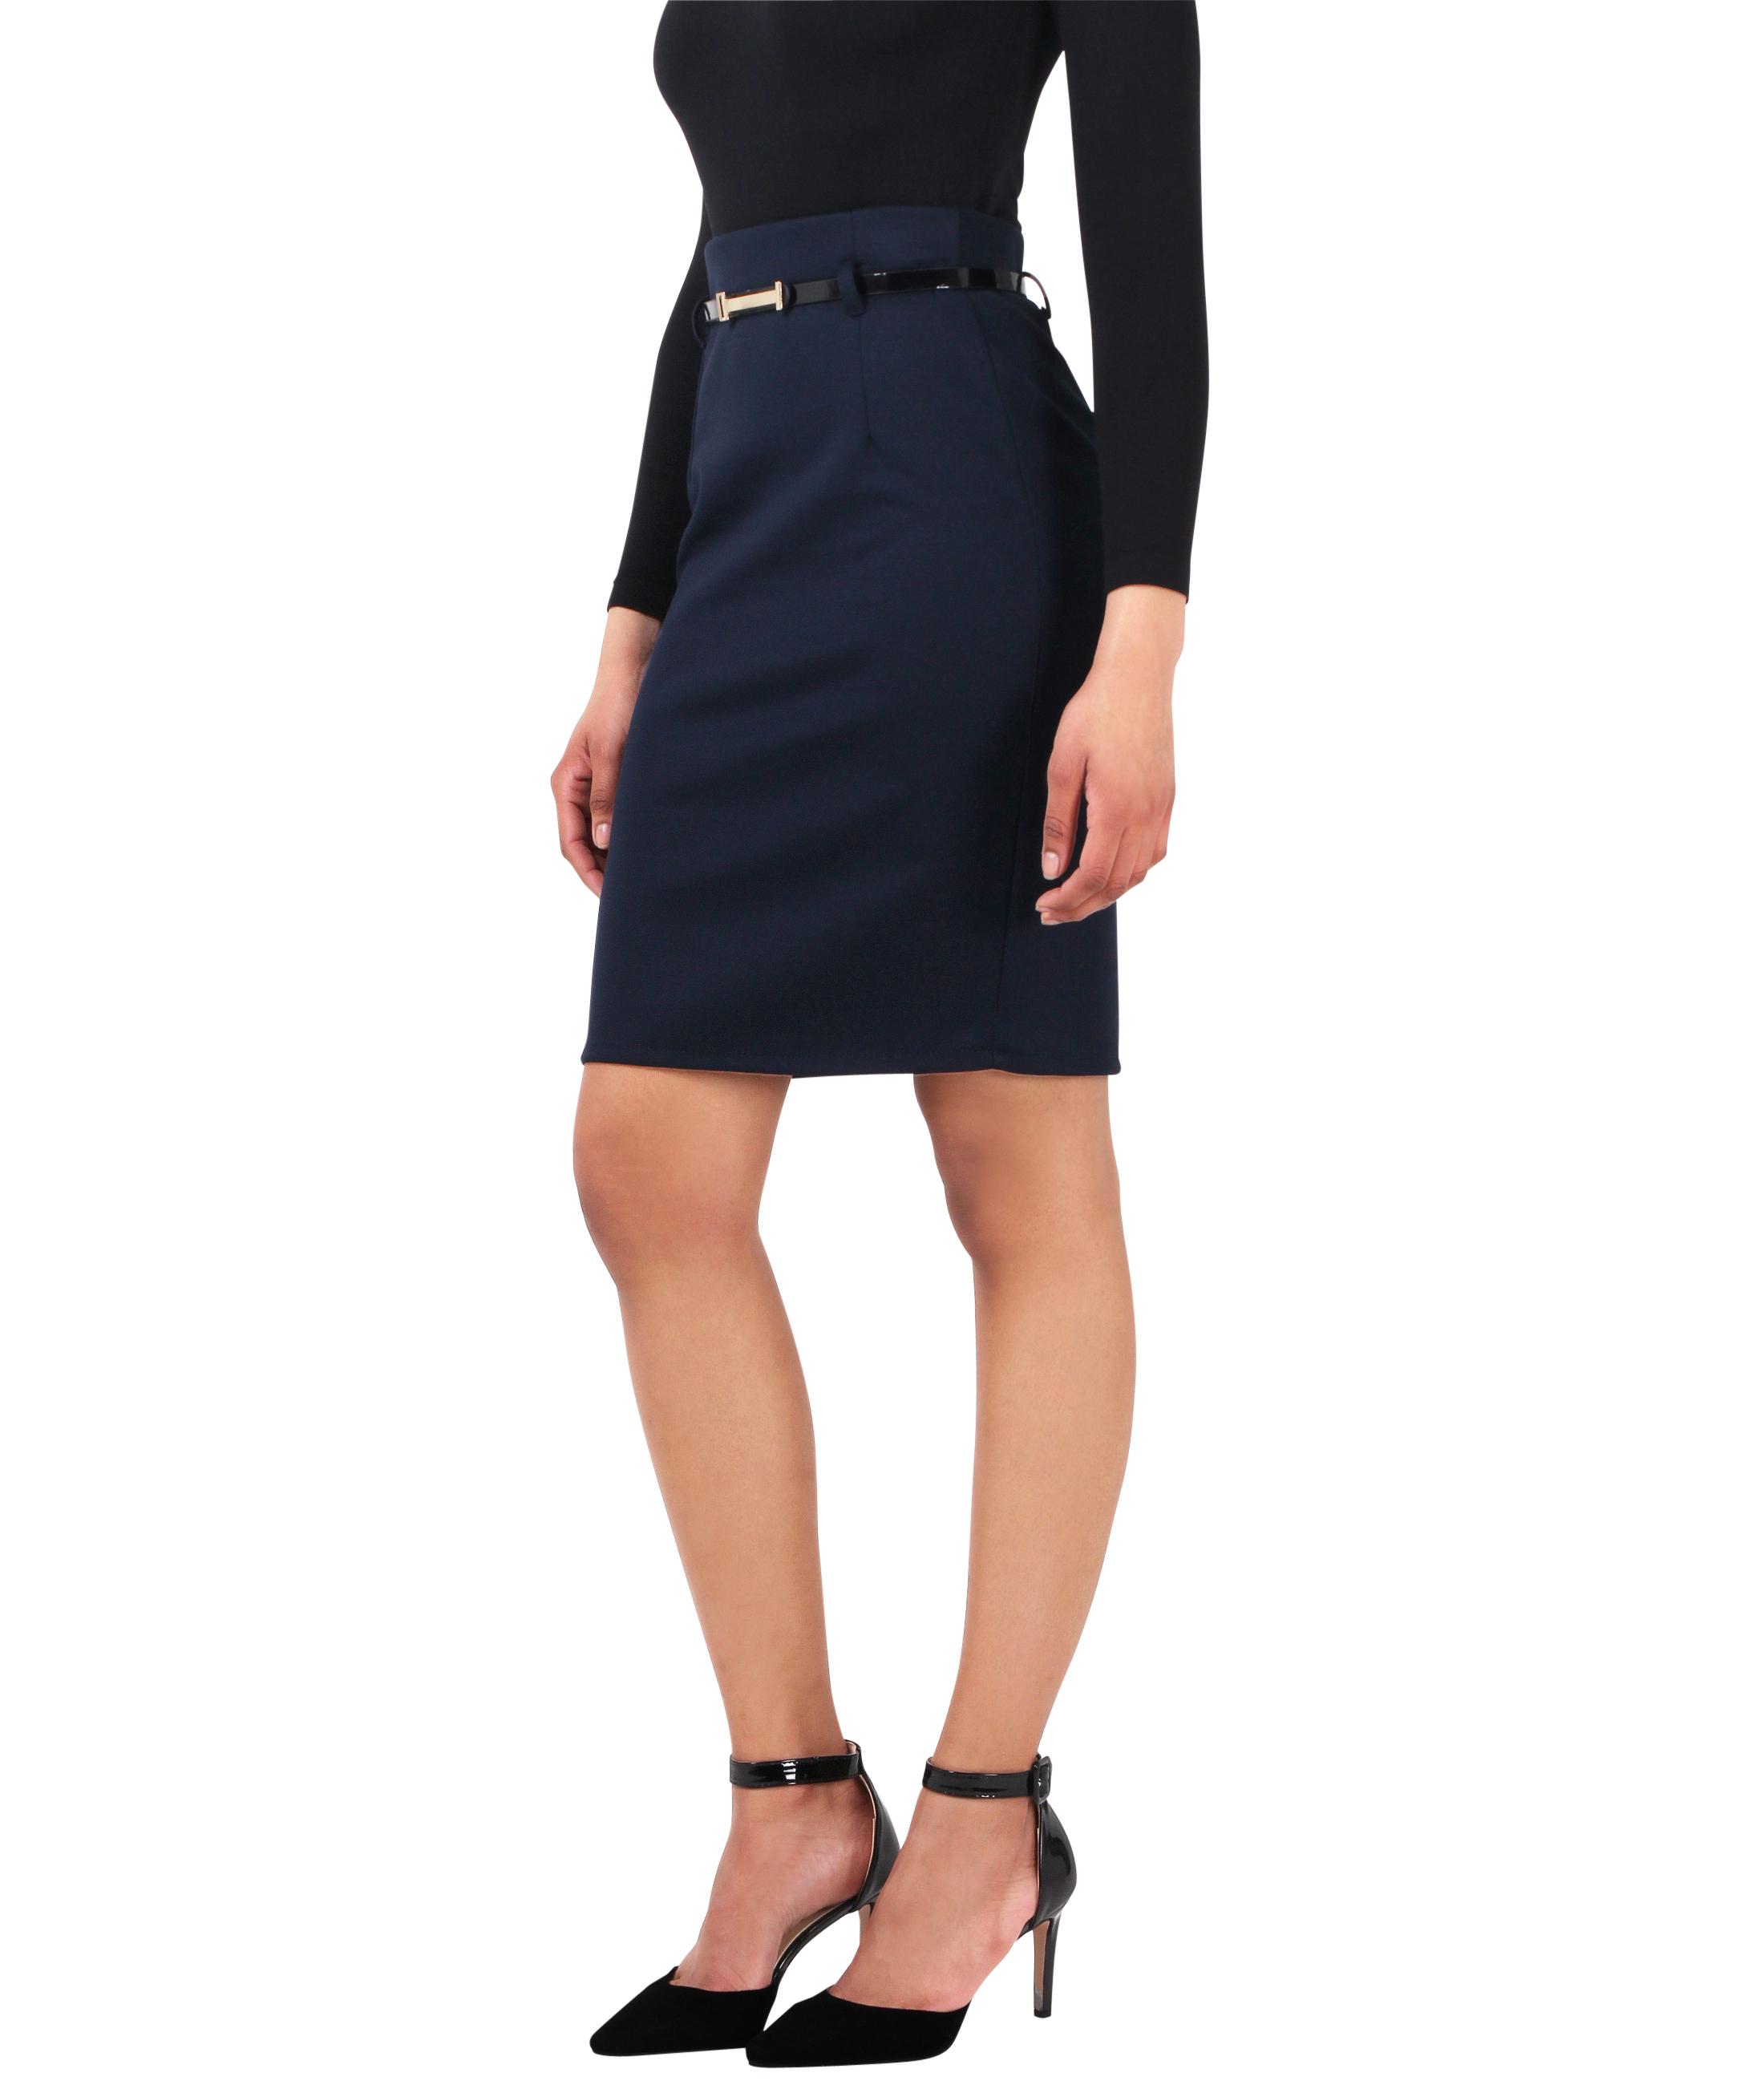 06e1aa17a152 Krisp® Femmes Jupe Mini Courte Crayon Moulante Business Affaires ...